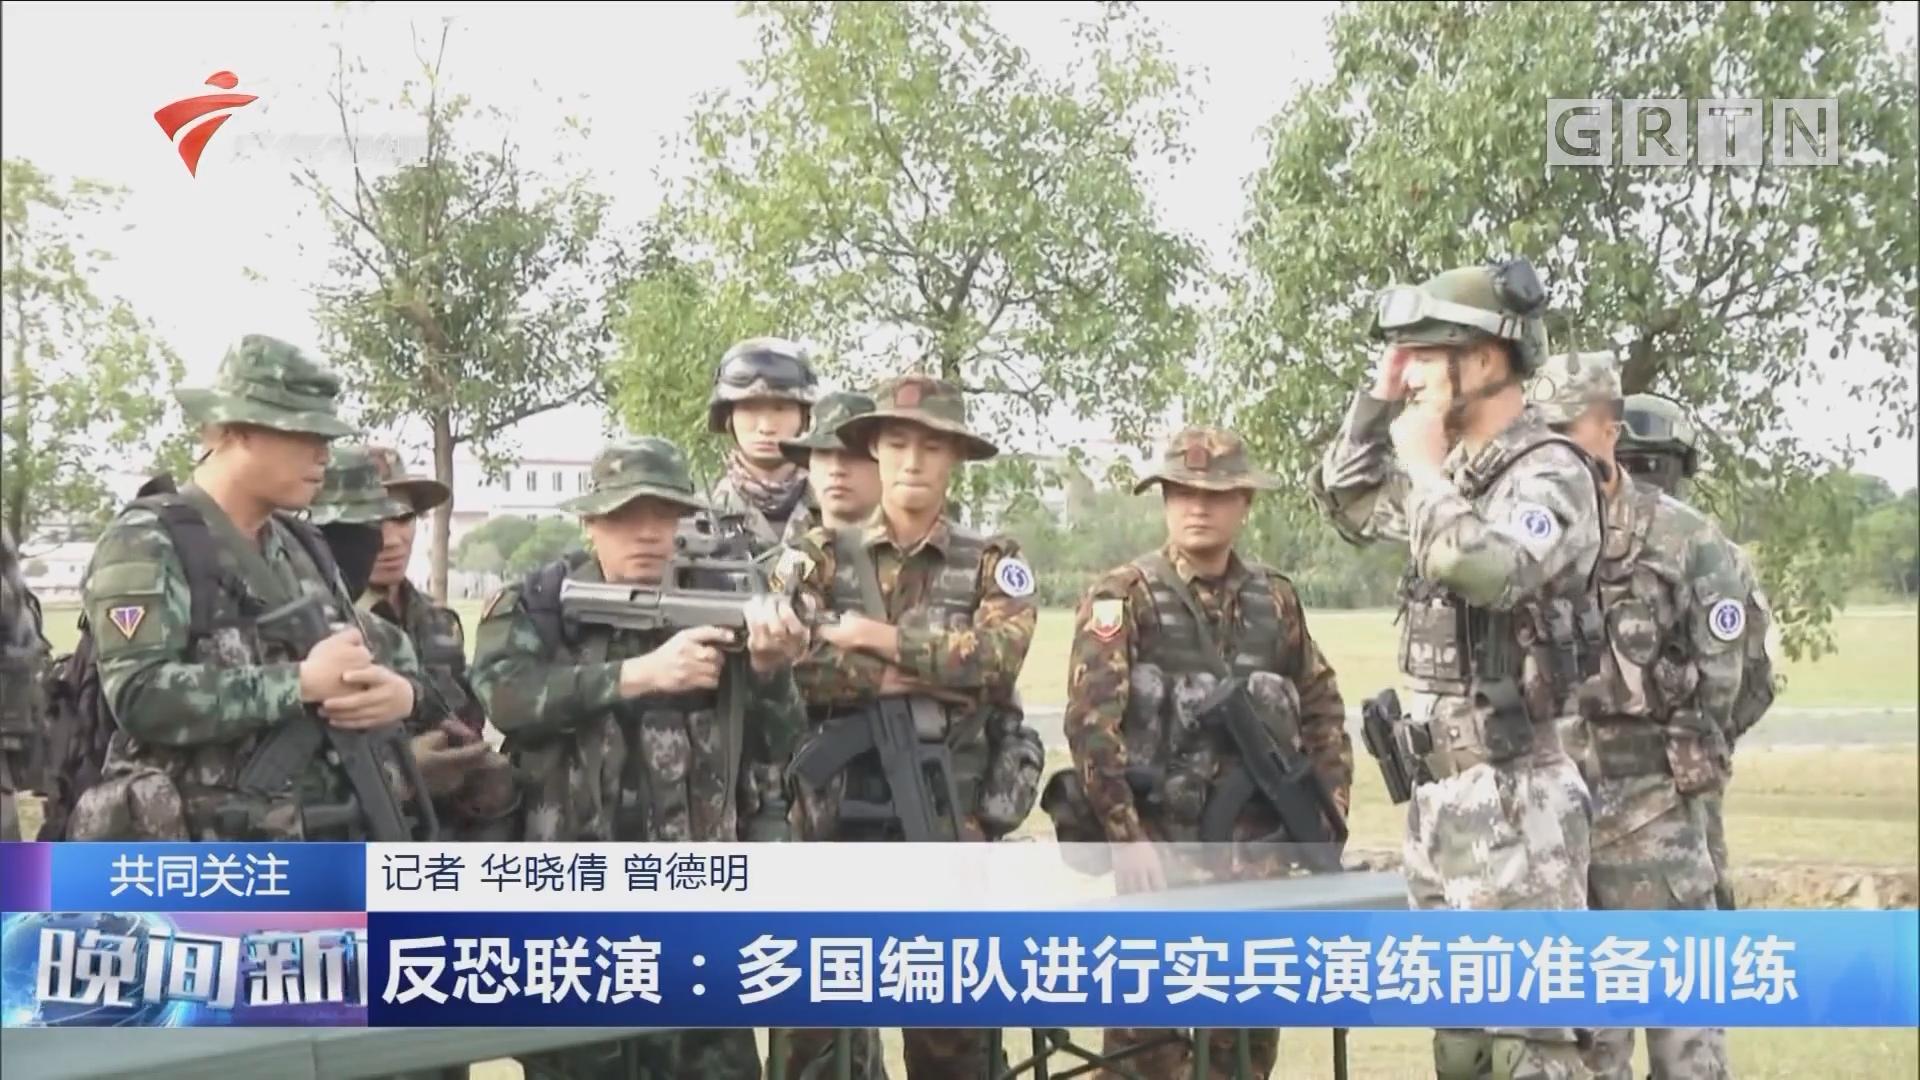 反恐联演:多国编队进行实兵演练前准备训练